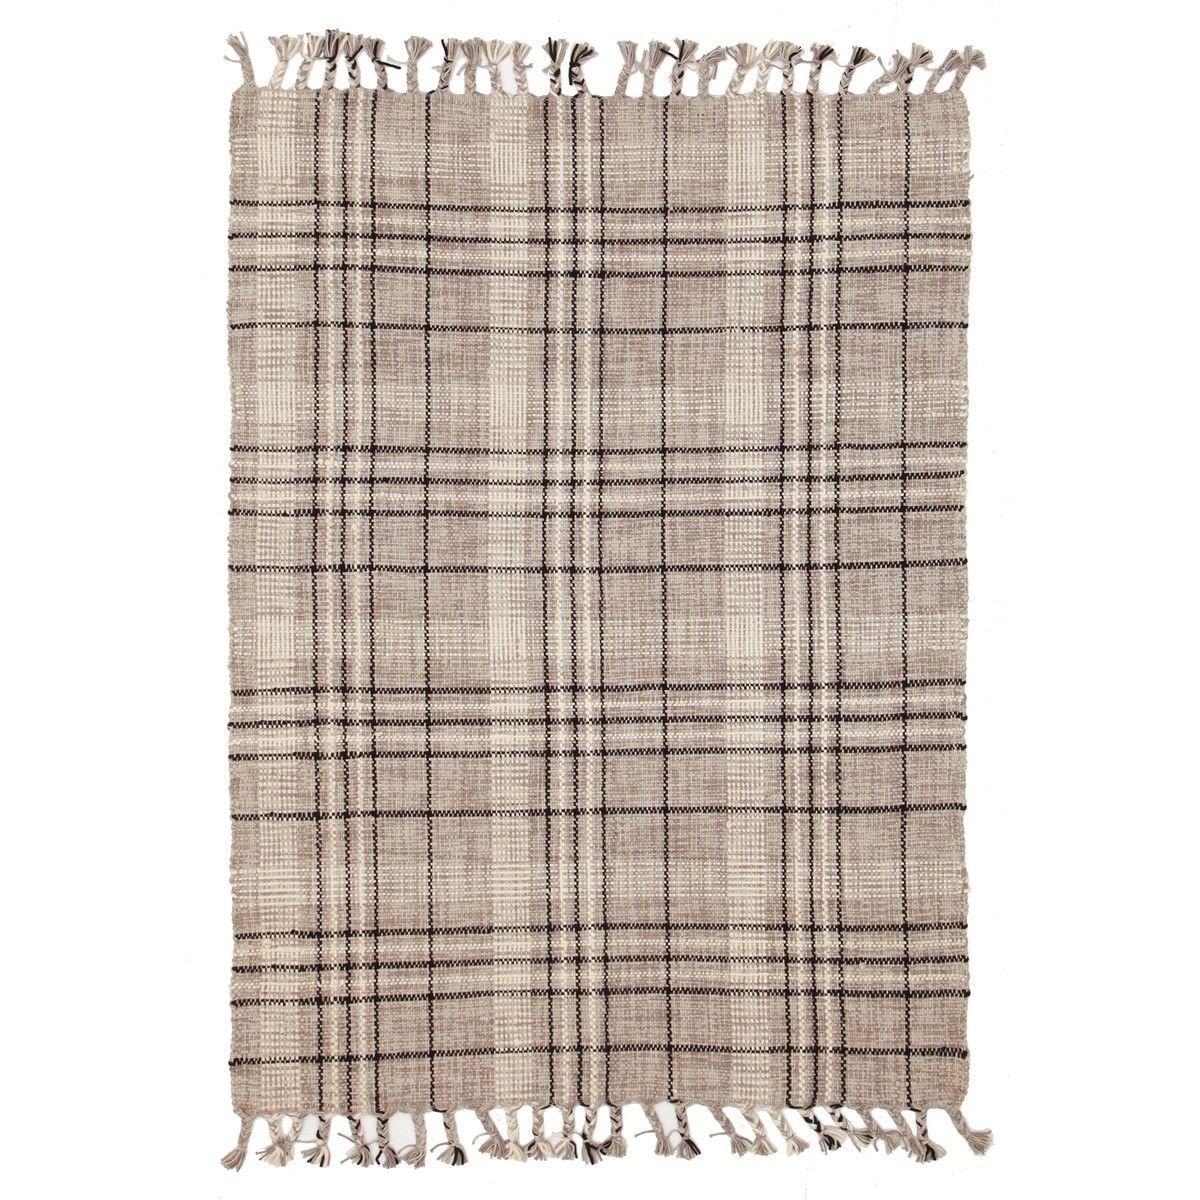 Nordic Lattice Cotton Rug, 225x155cm